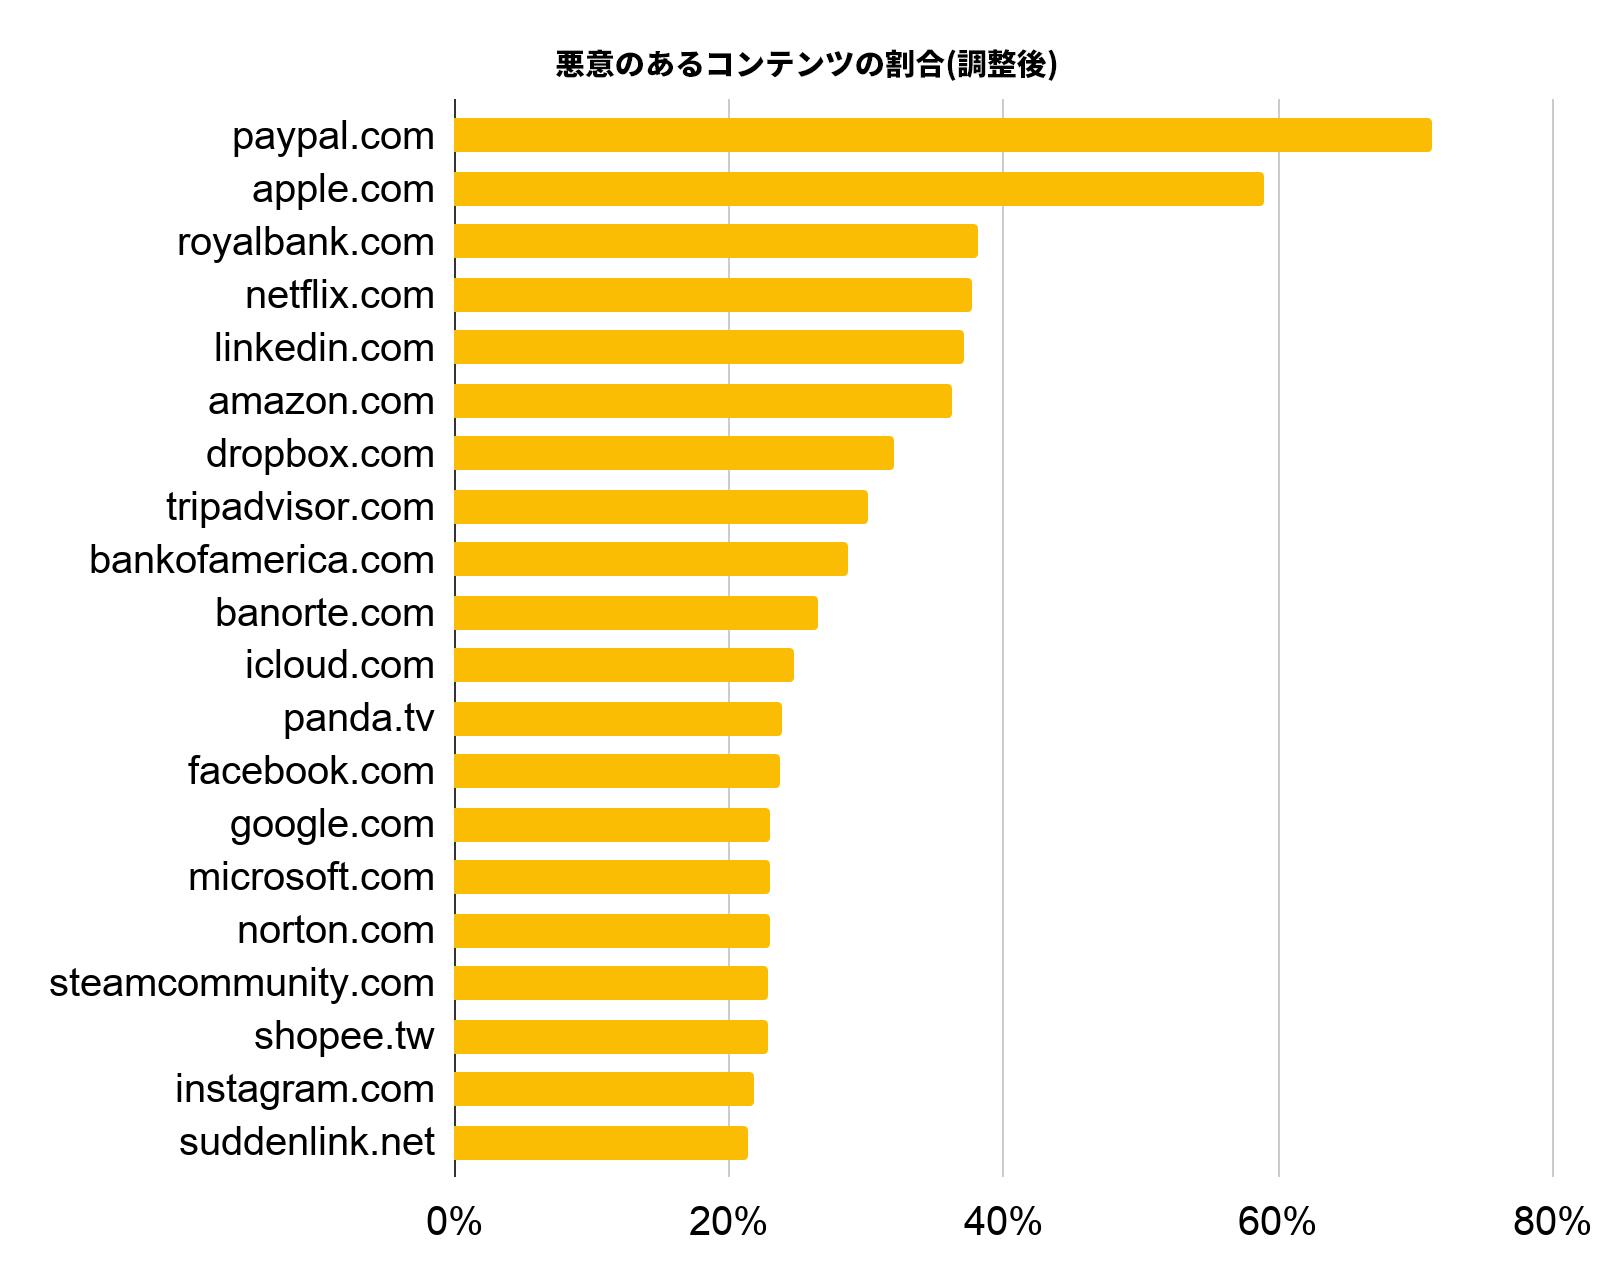 このグラフは、「調整悪質率」メトリックを使用して、サイバースクワッティング行為の標的として好まれているドメインを決定した、最も悪用された上位20件のドメインをランク付けしたものです。